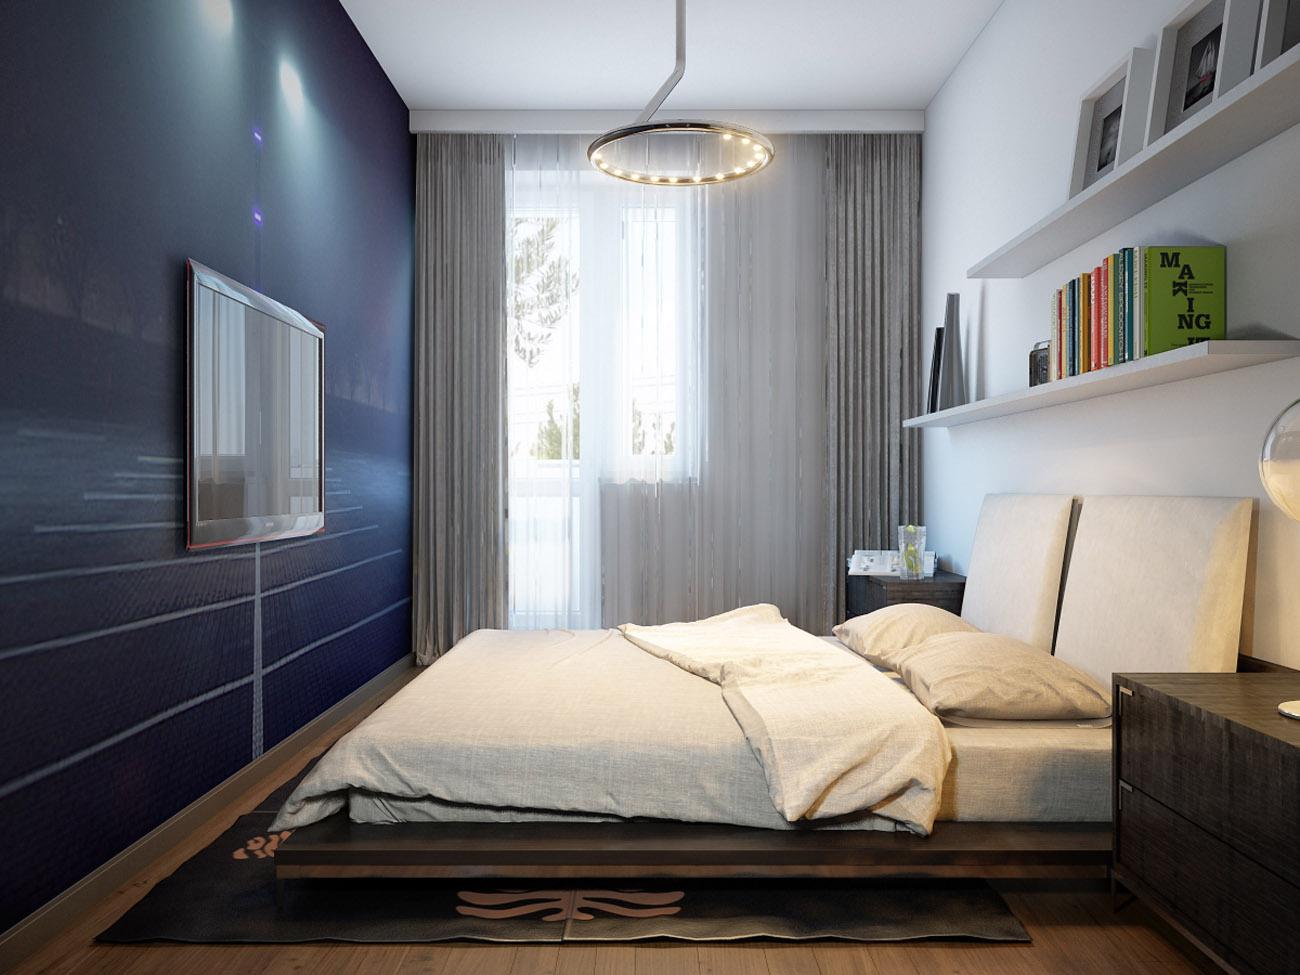 планировка спальни фото варианты